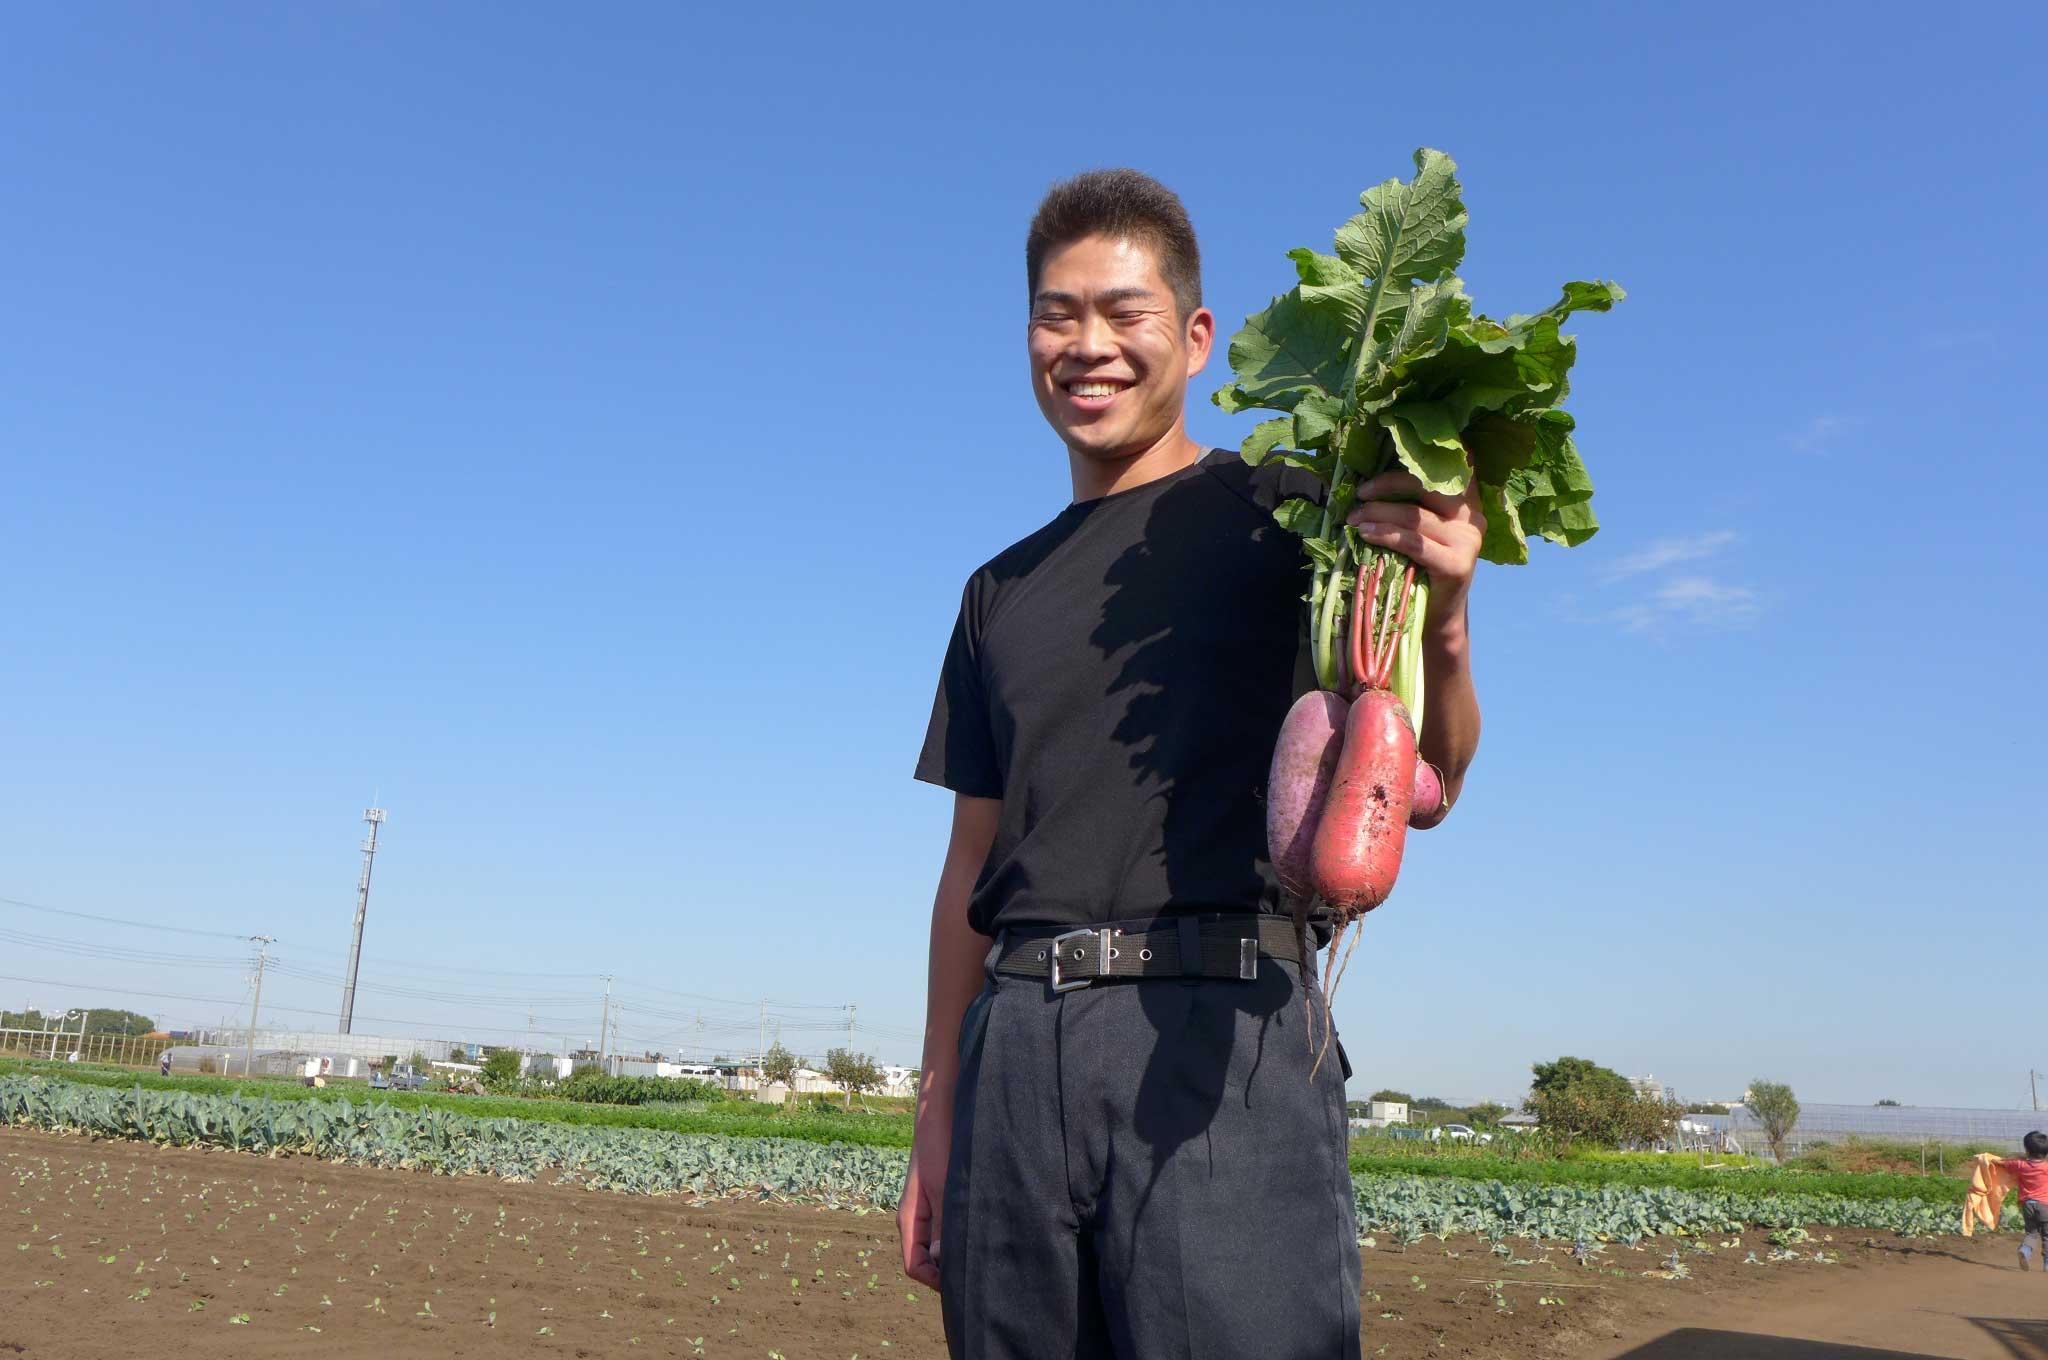 小間園芸【横浜市泉区の野菜直売所】